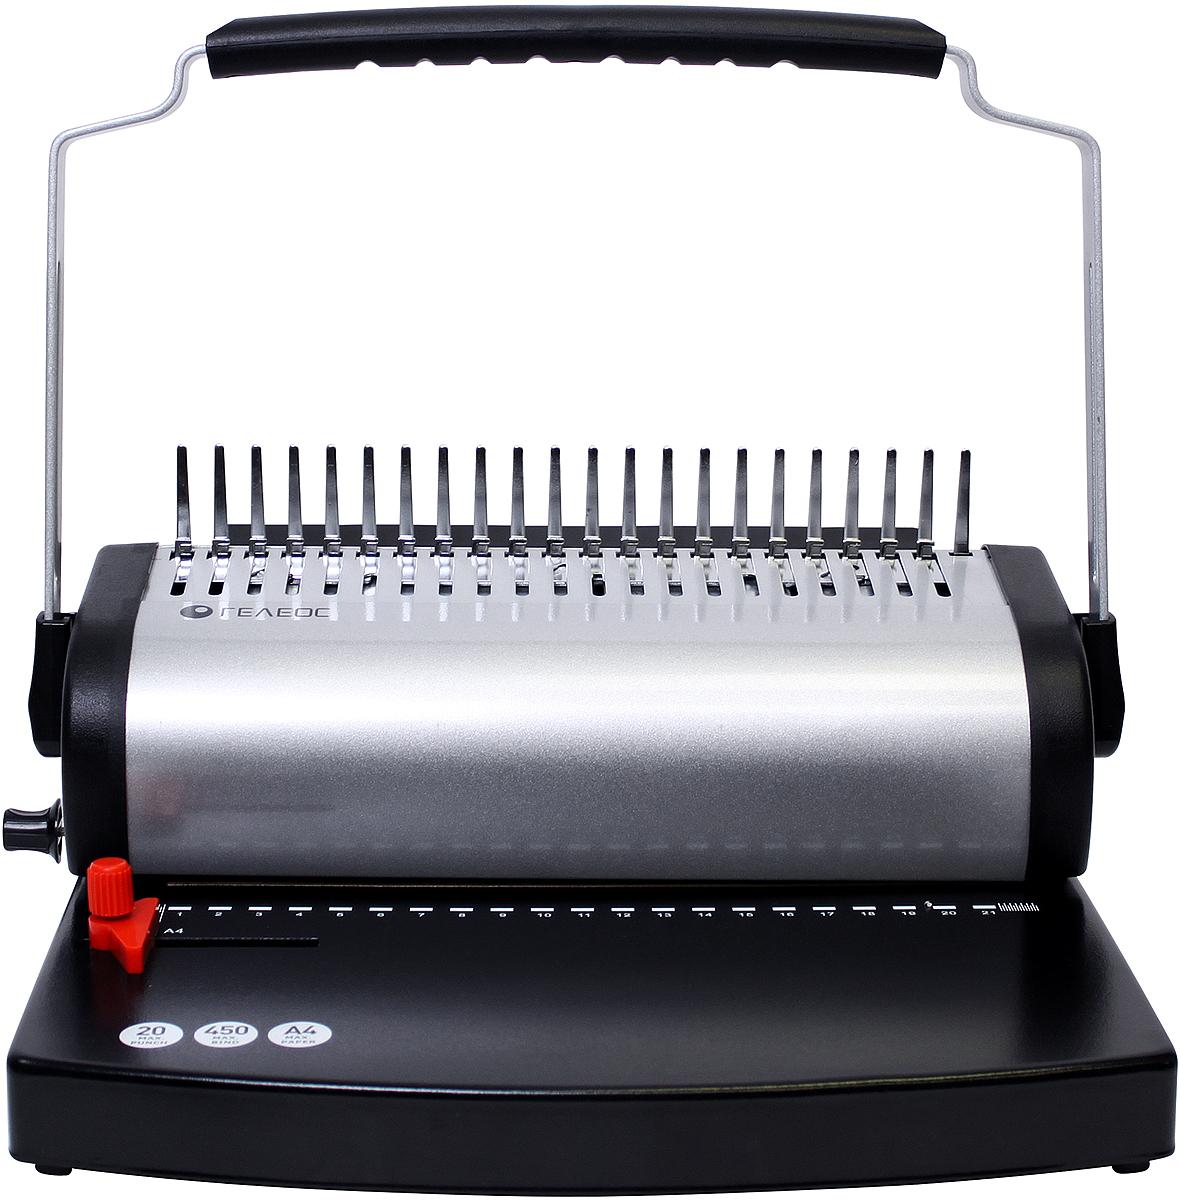 Гелеос БП-500-1 переплетчик, цвет серебристый черный